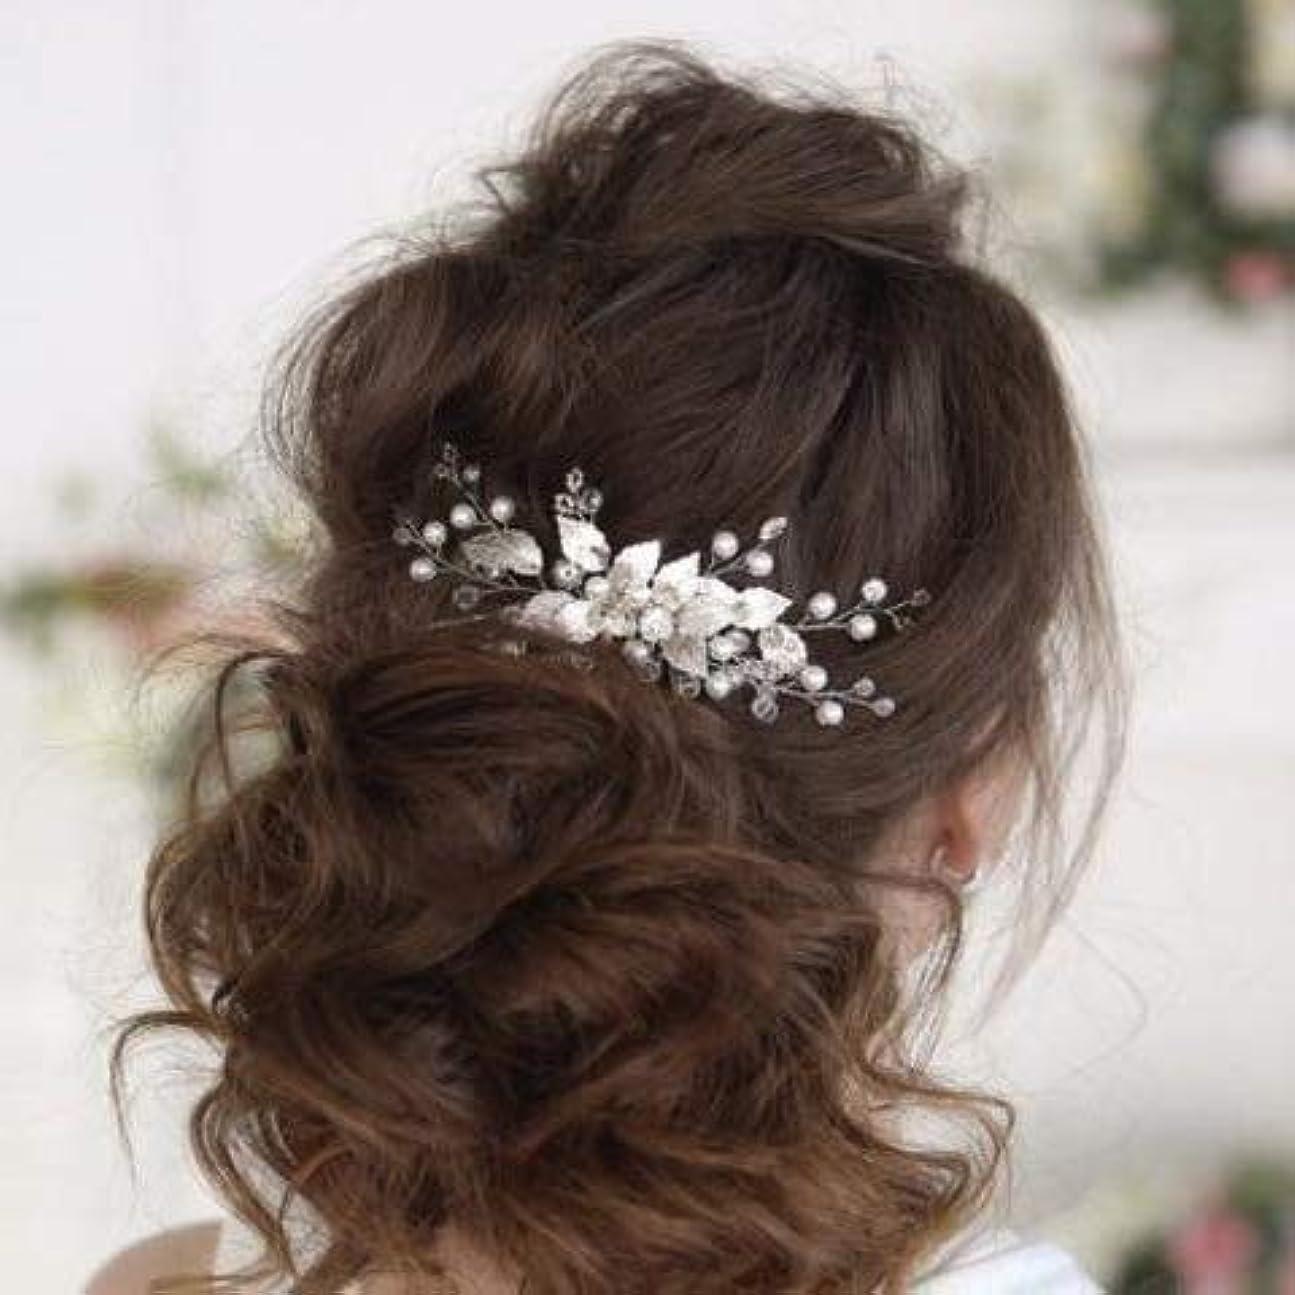 元気な叫ぶ算術Kercisbeauty Boho Wedding Bridal Hair Comb Clips Decorative Headband with Crystal Leaf Rhinestones for Brides...